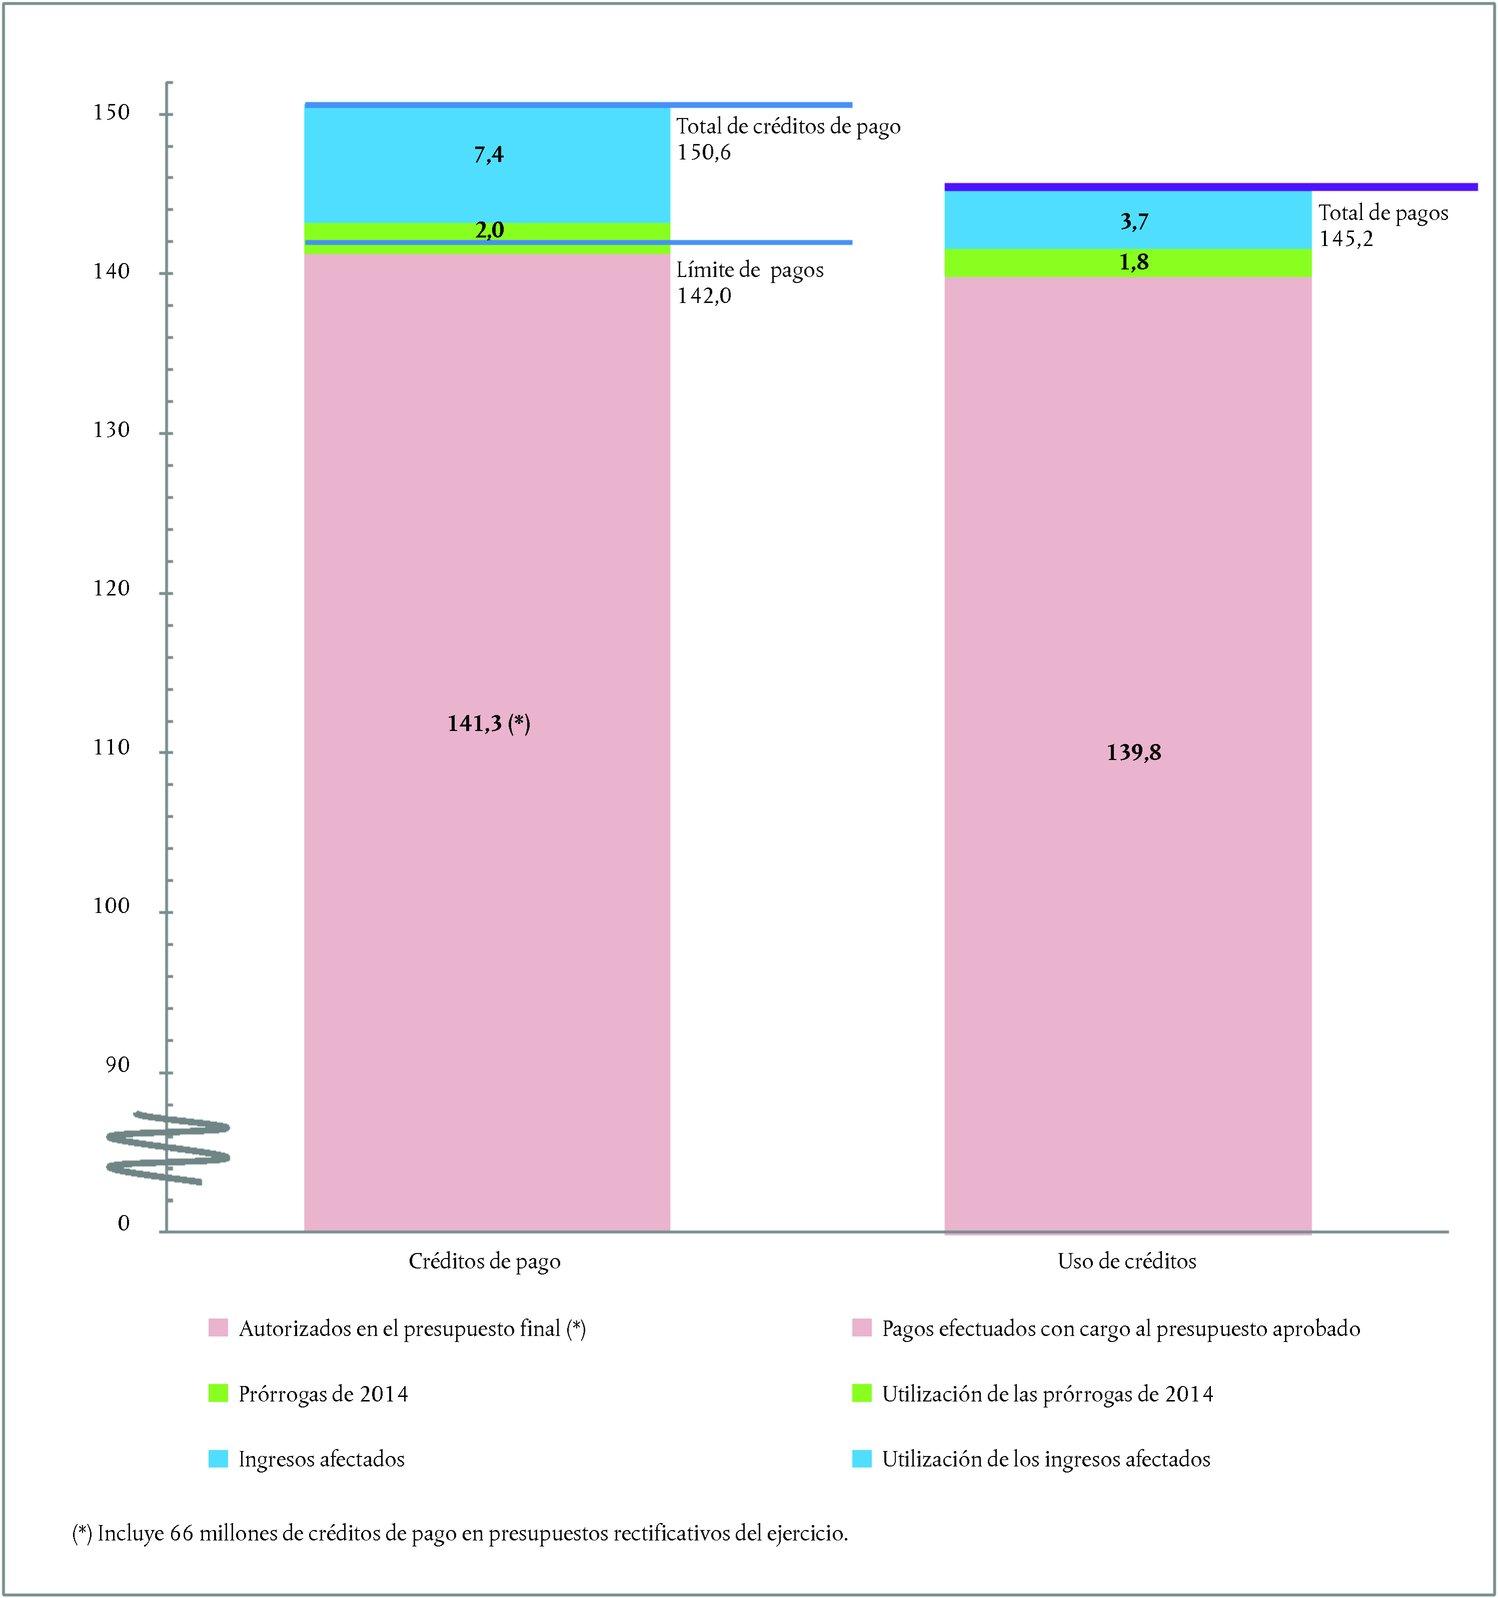 EUR-Lex - C:2016:375:FULL - EN - EUR-Lex